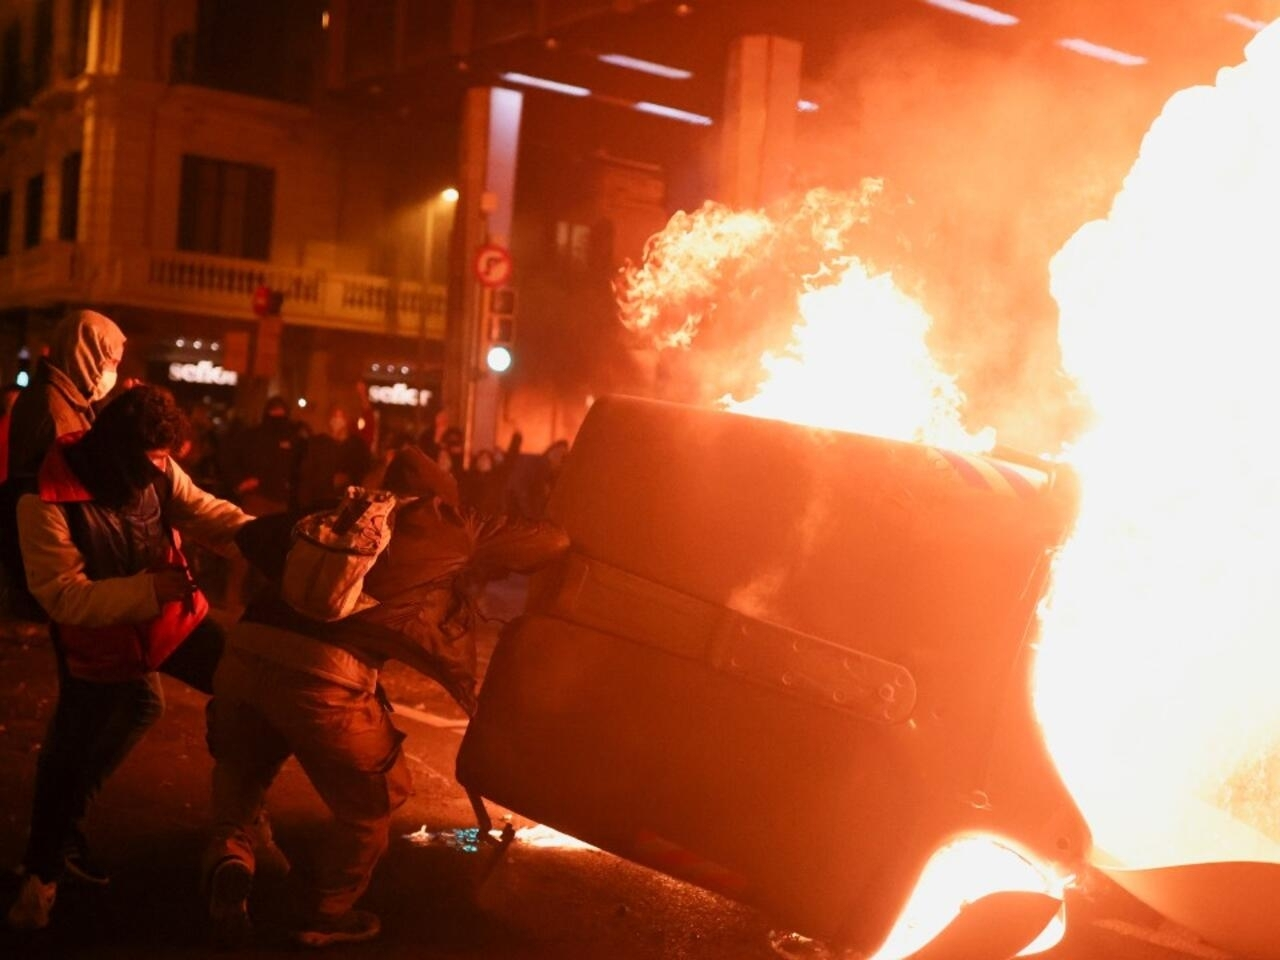 La Detención Del Rapero Pablo Hasél Provoca Violentos Disturbios En España